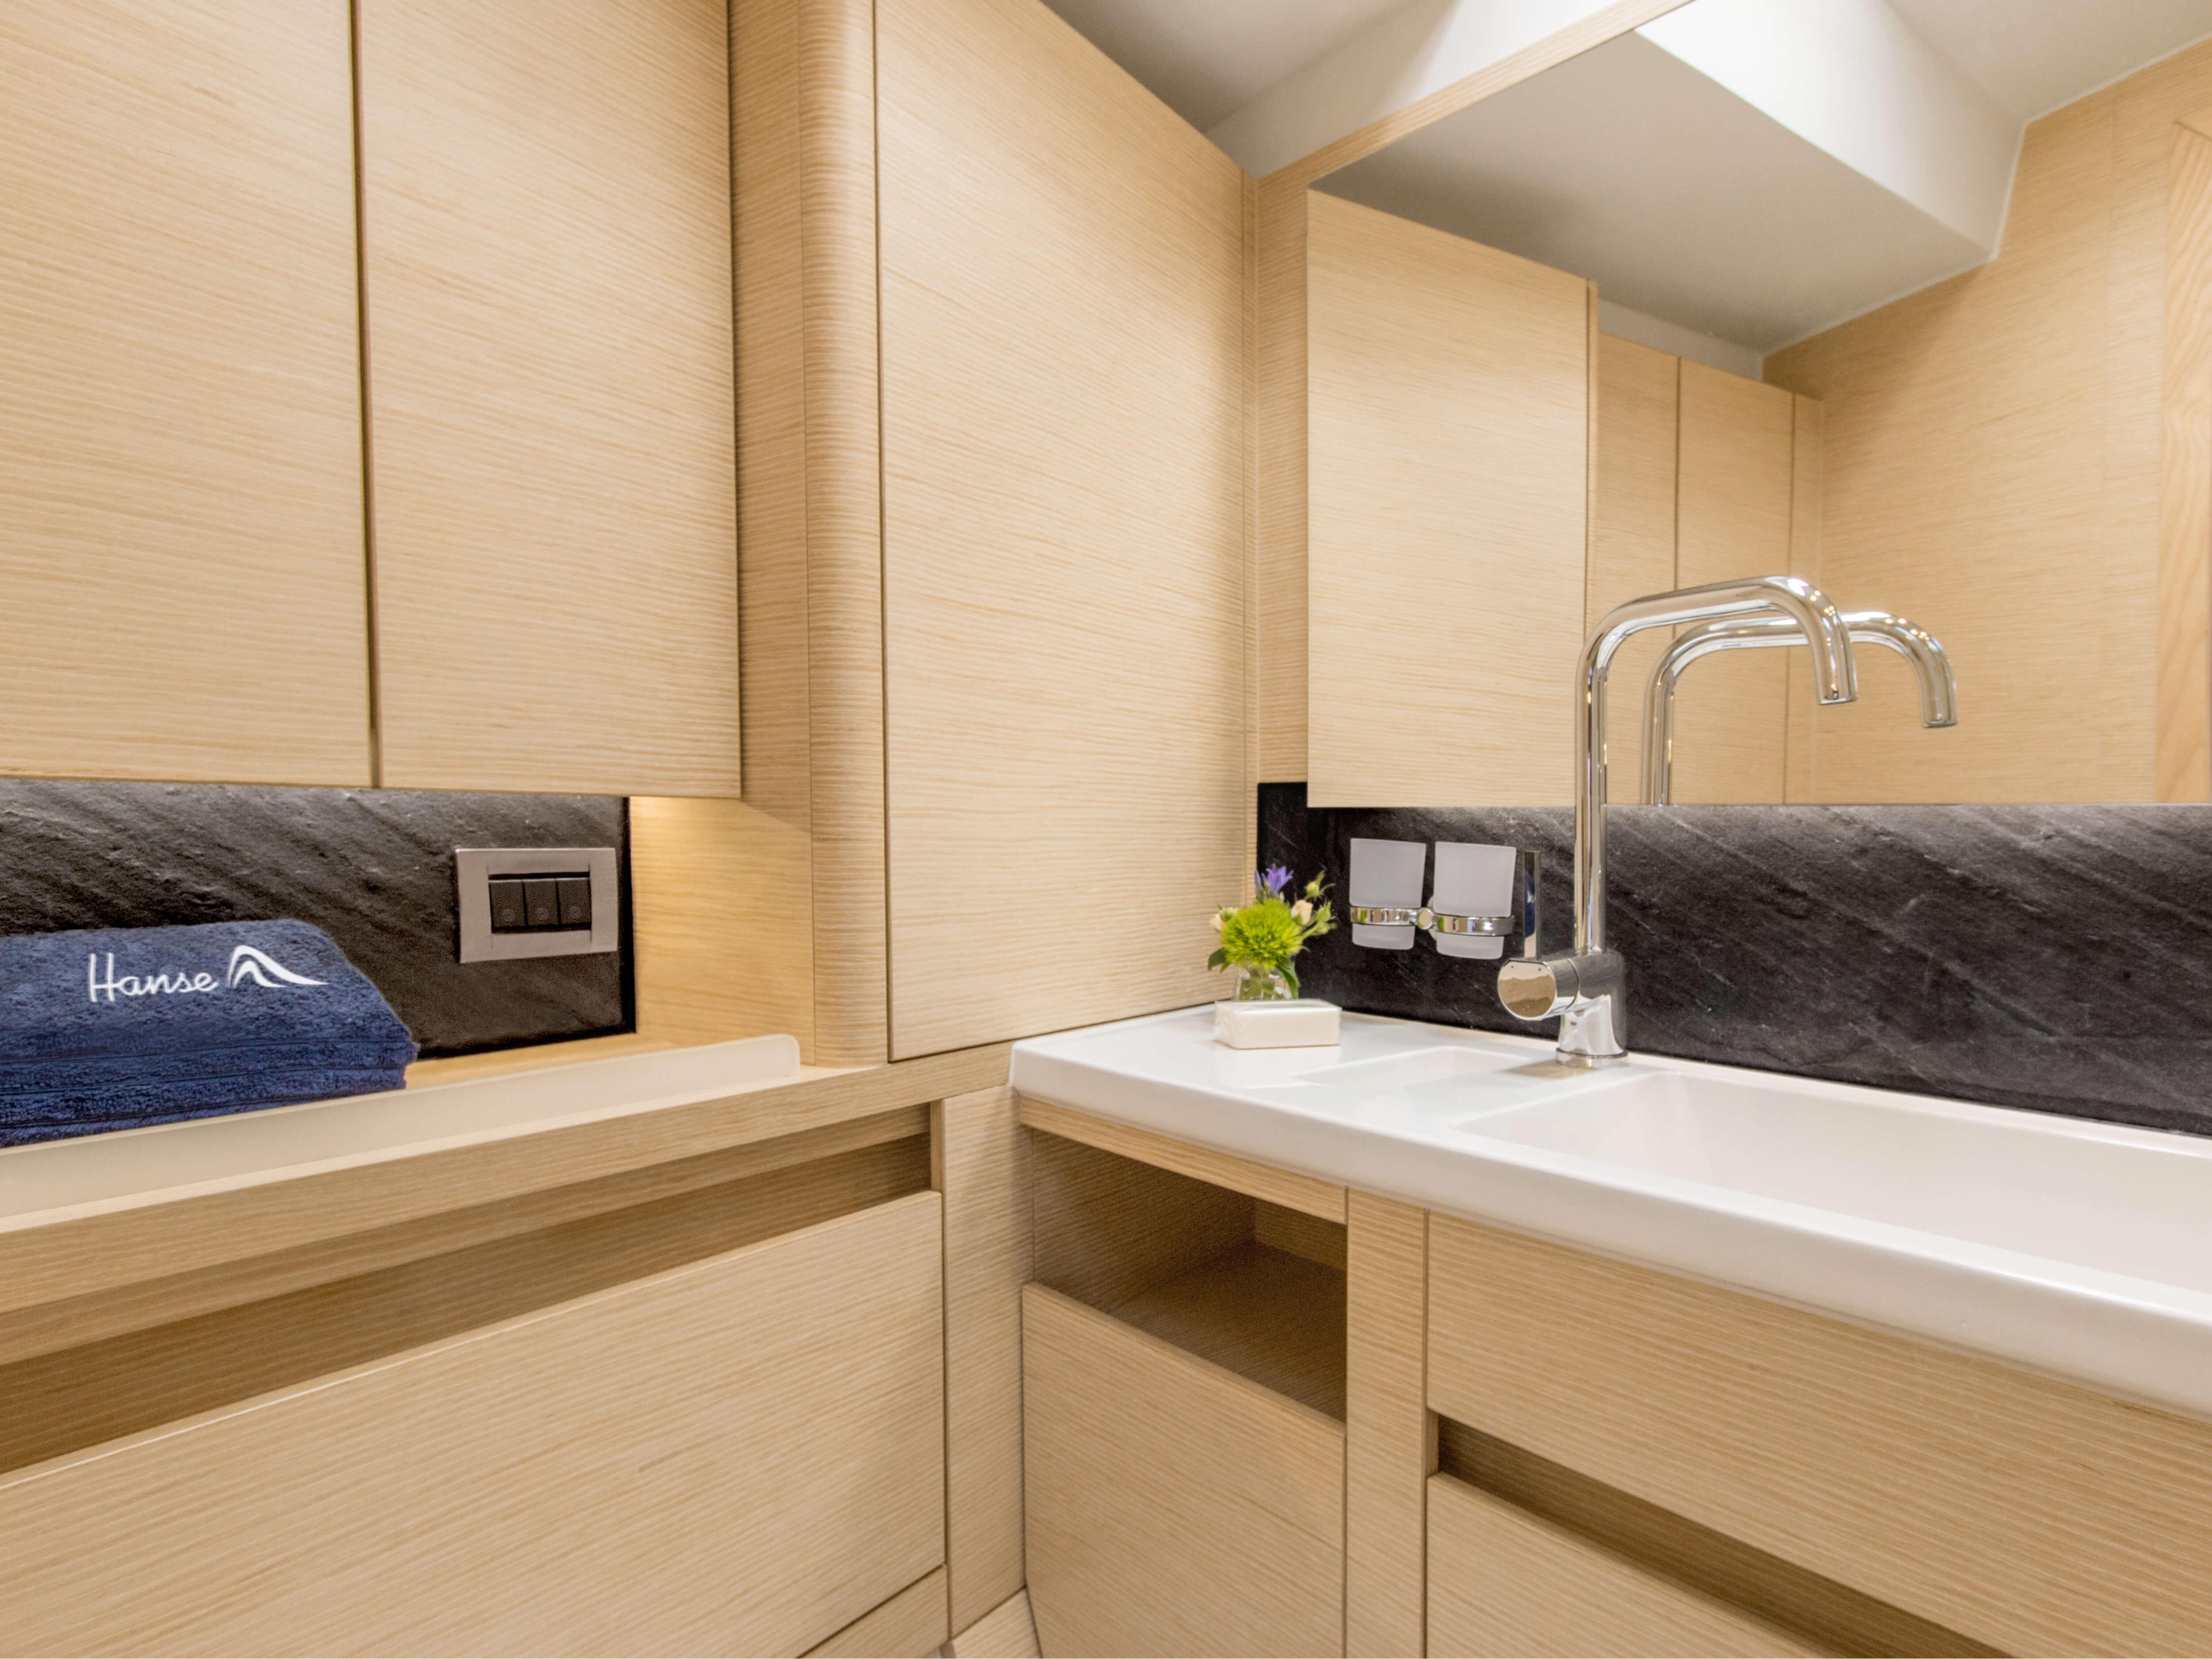 Hanse 548 | Çeşitli yerleşim seçenekleri ve kaliteli kumaşlar, zarif ahşaplar, moda renkler, seçkin zemin malzemeleri ve şık mobilyaların dahil olduğu geniş kombinasyon seçenekleri sayesinde HANSE'nizi kendinize özel, benzersiz bir yata dönüştürebilirsiniz. | Hanse